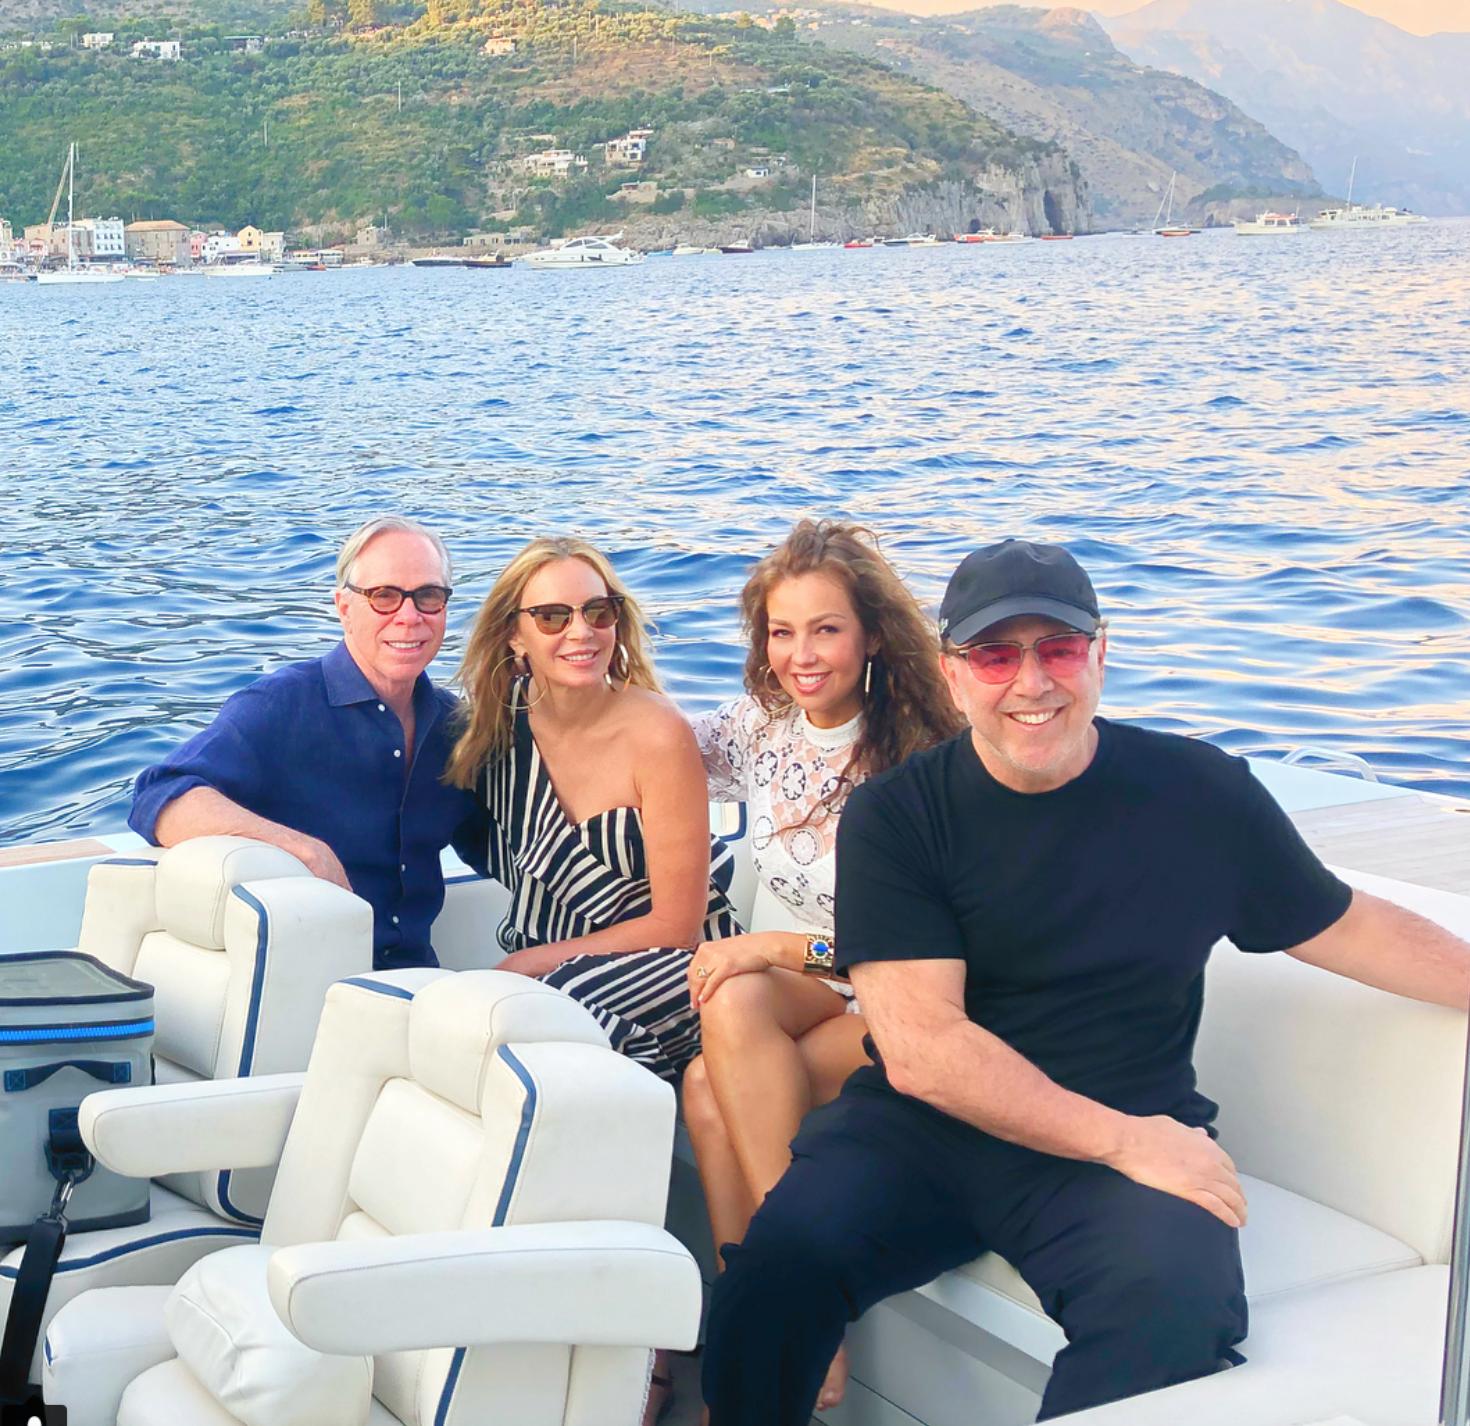 vacaciones de famosos en italia 2